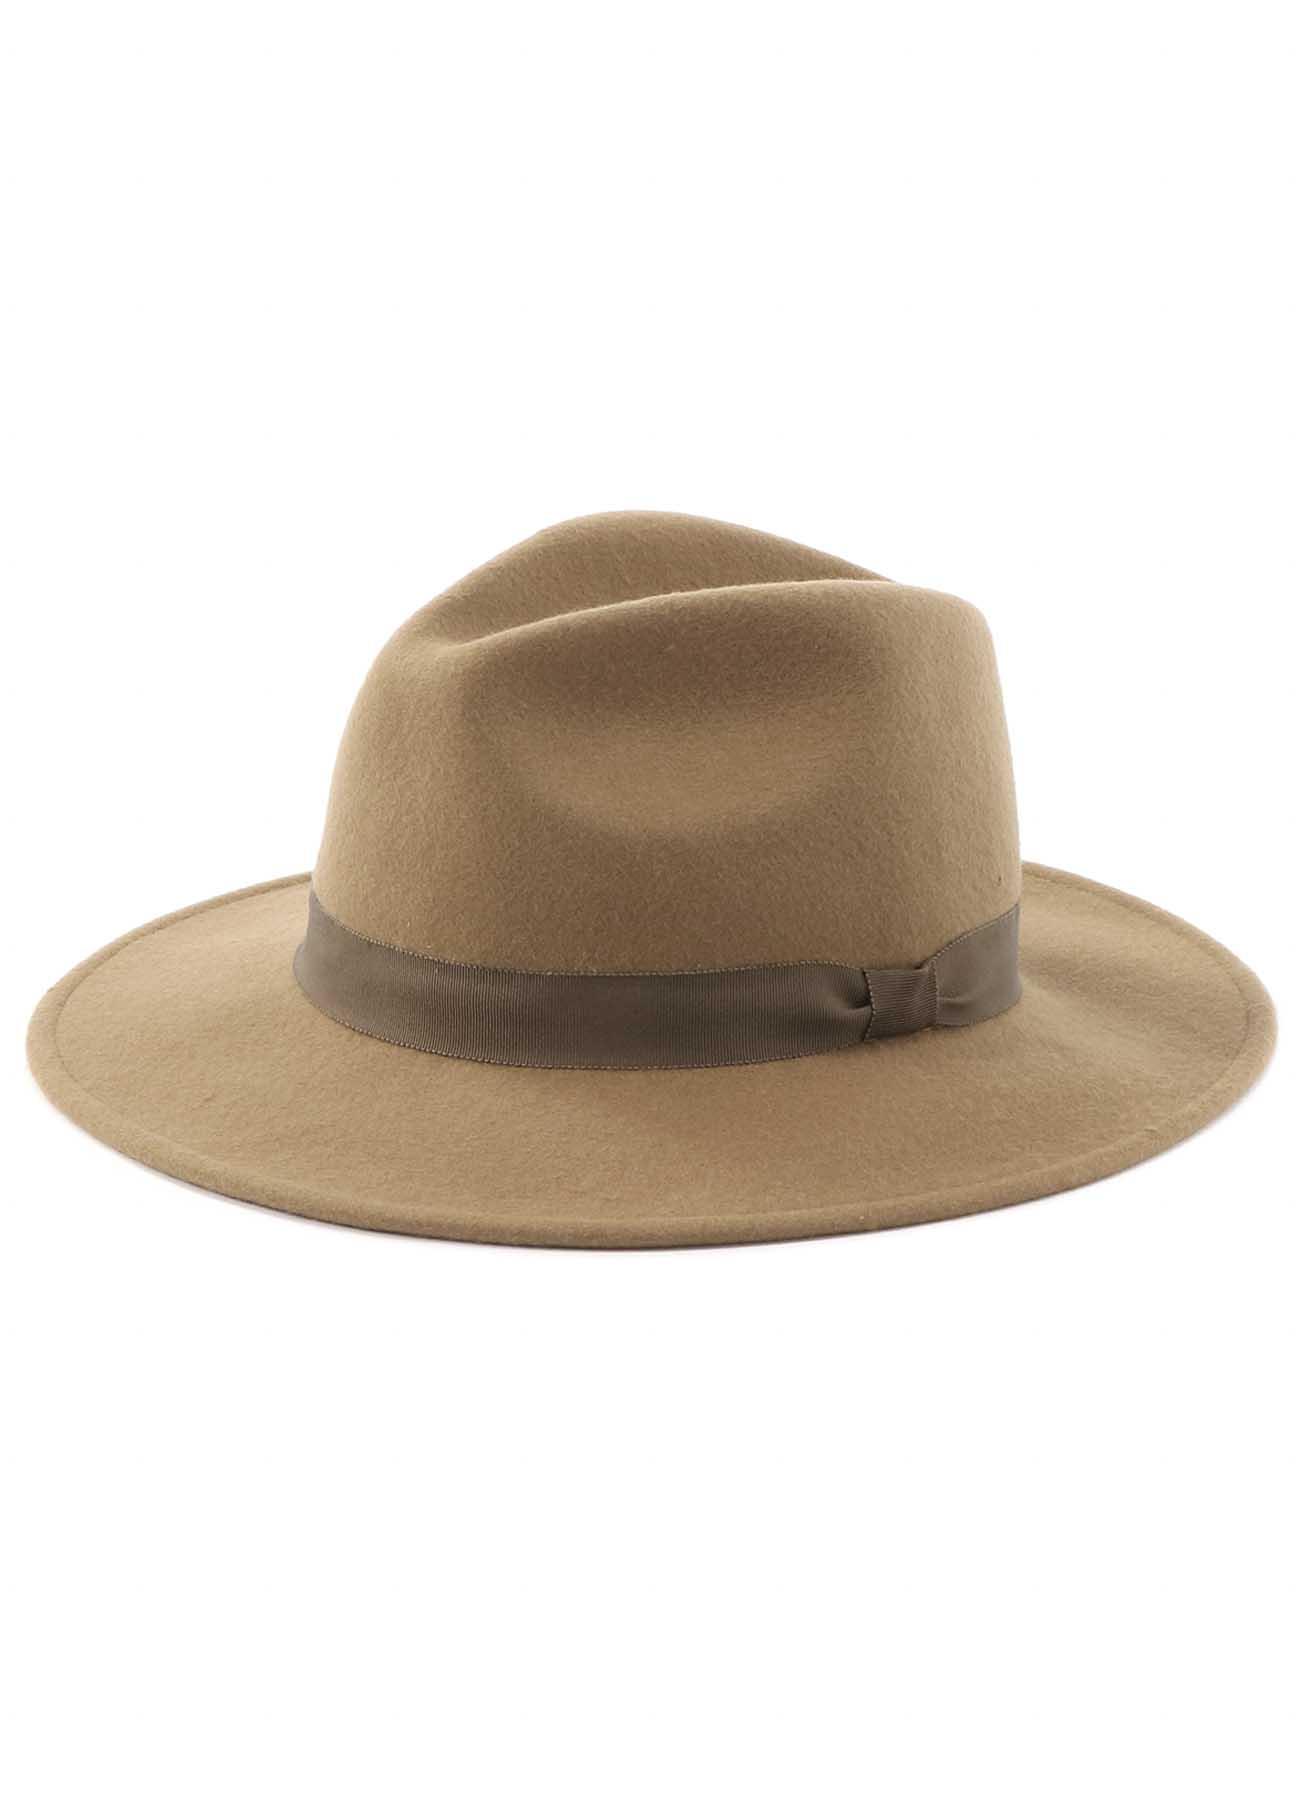 羊毛毡宽檐礼帽